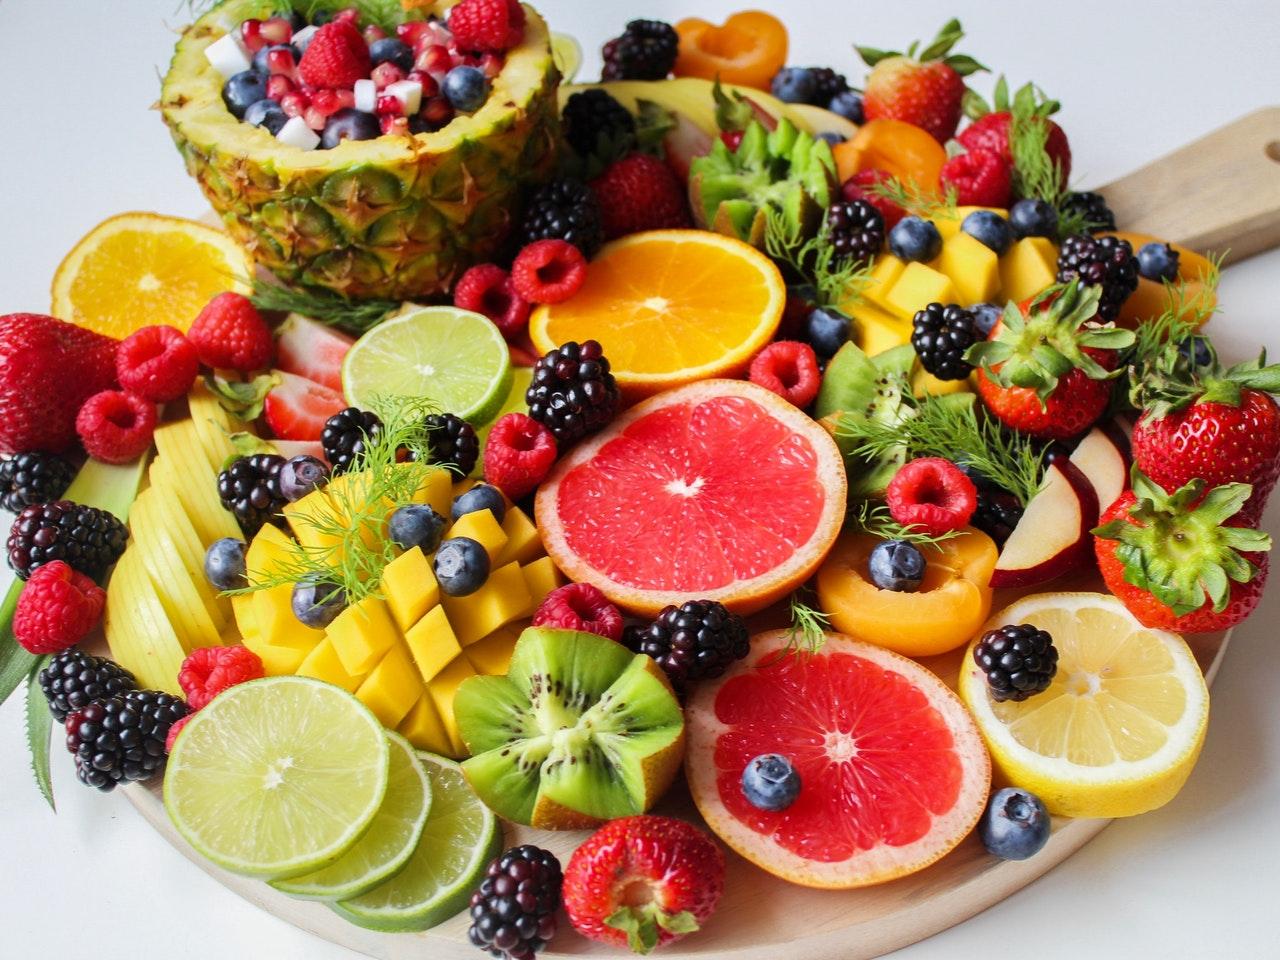 購買日本生果可以通過網上訂水果的方式來進行嗎?看了你就知道了